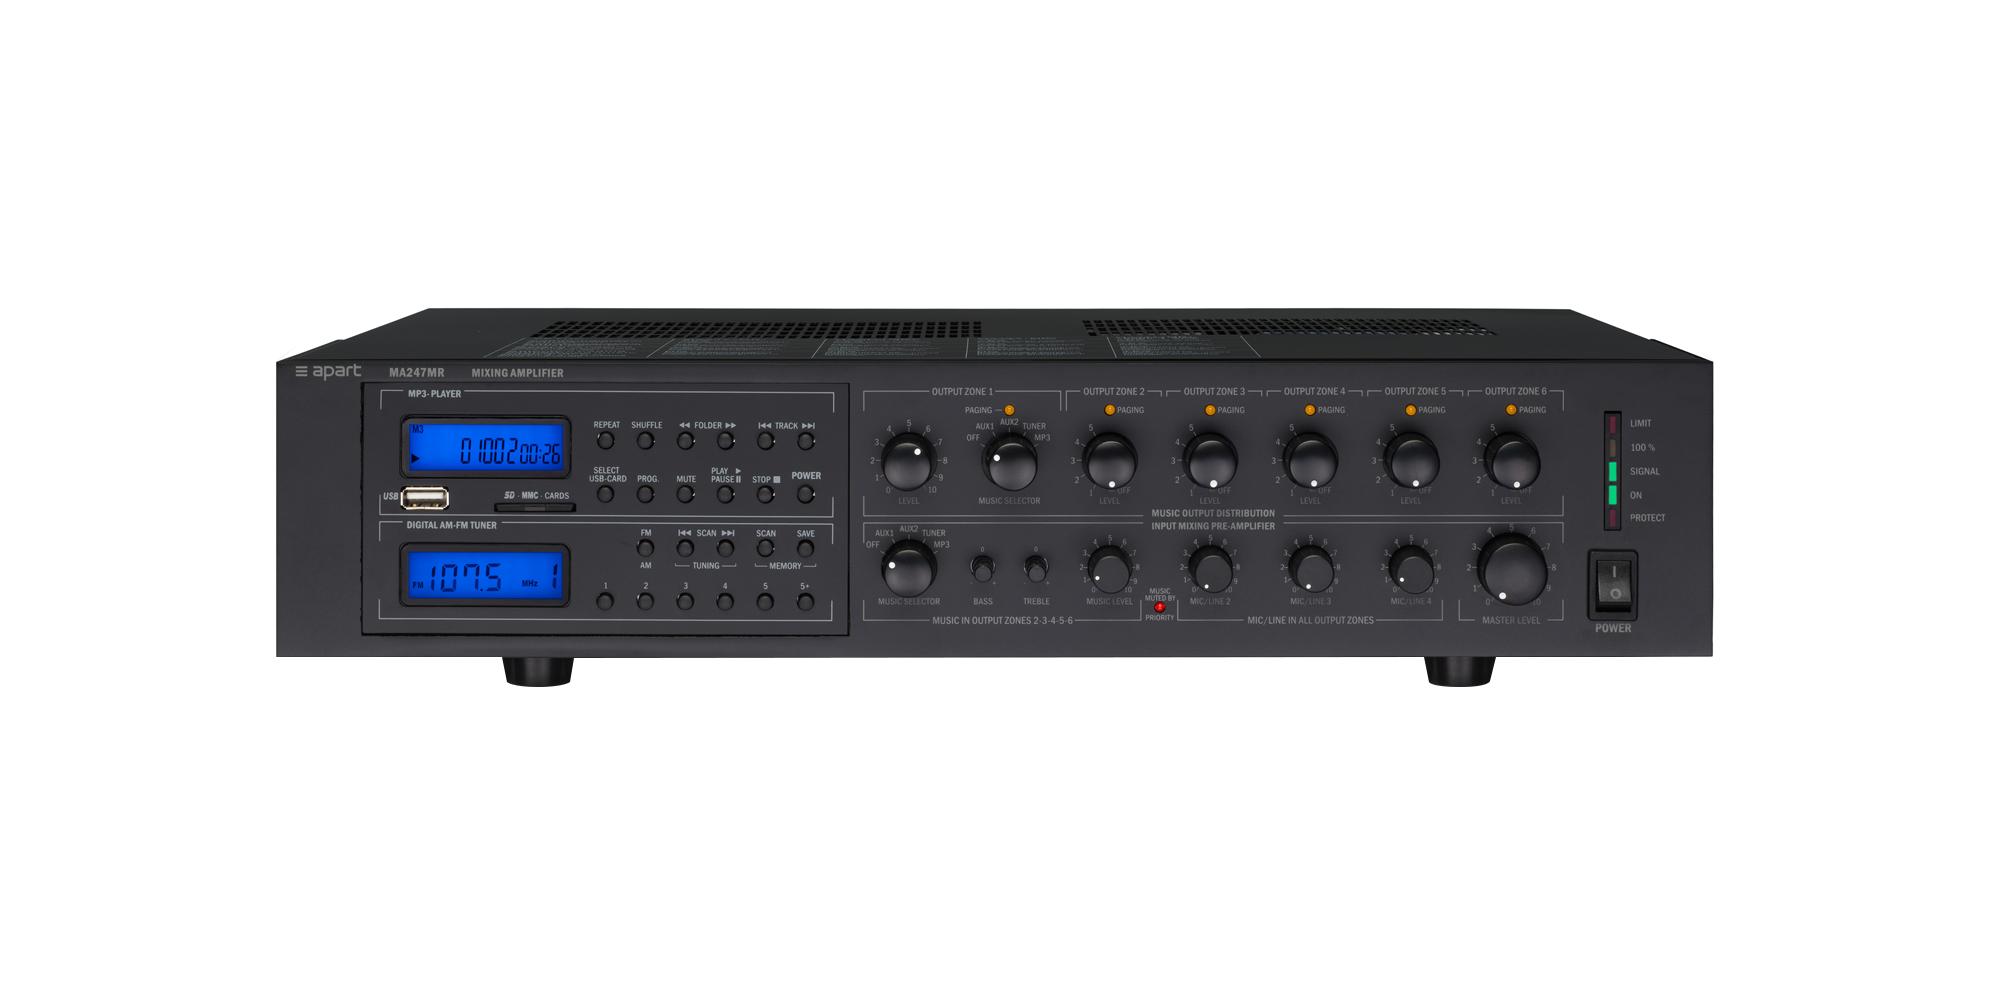 240 watt 6-zone 100volt amplifier system with FM/AM tuner